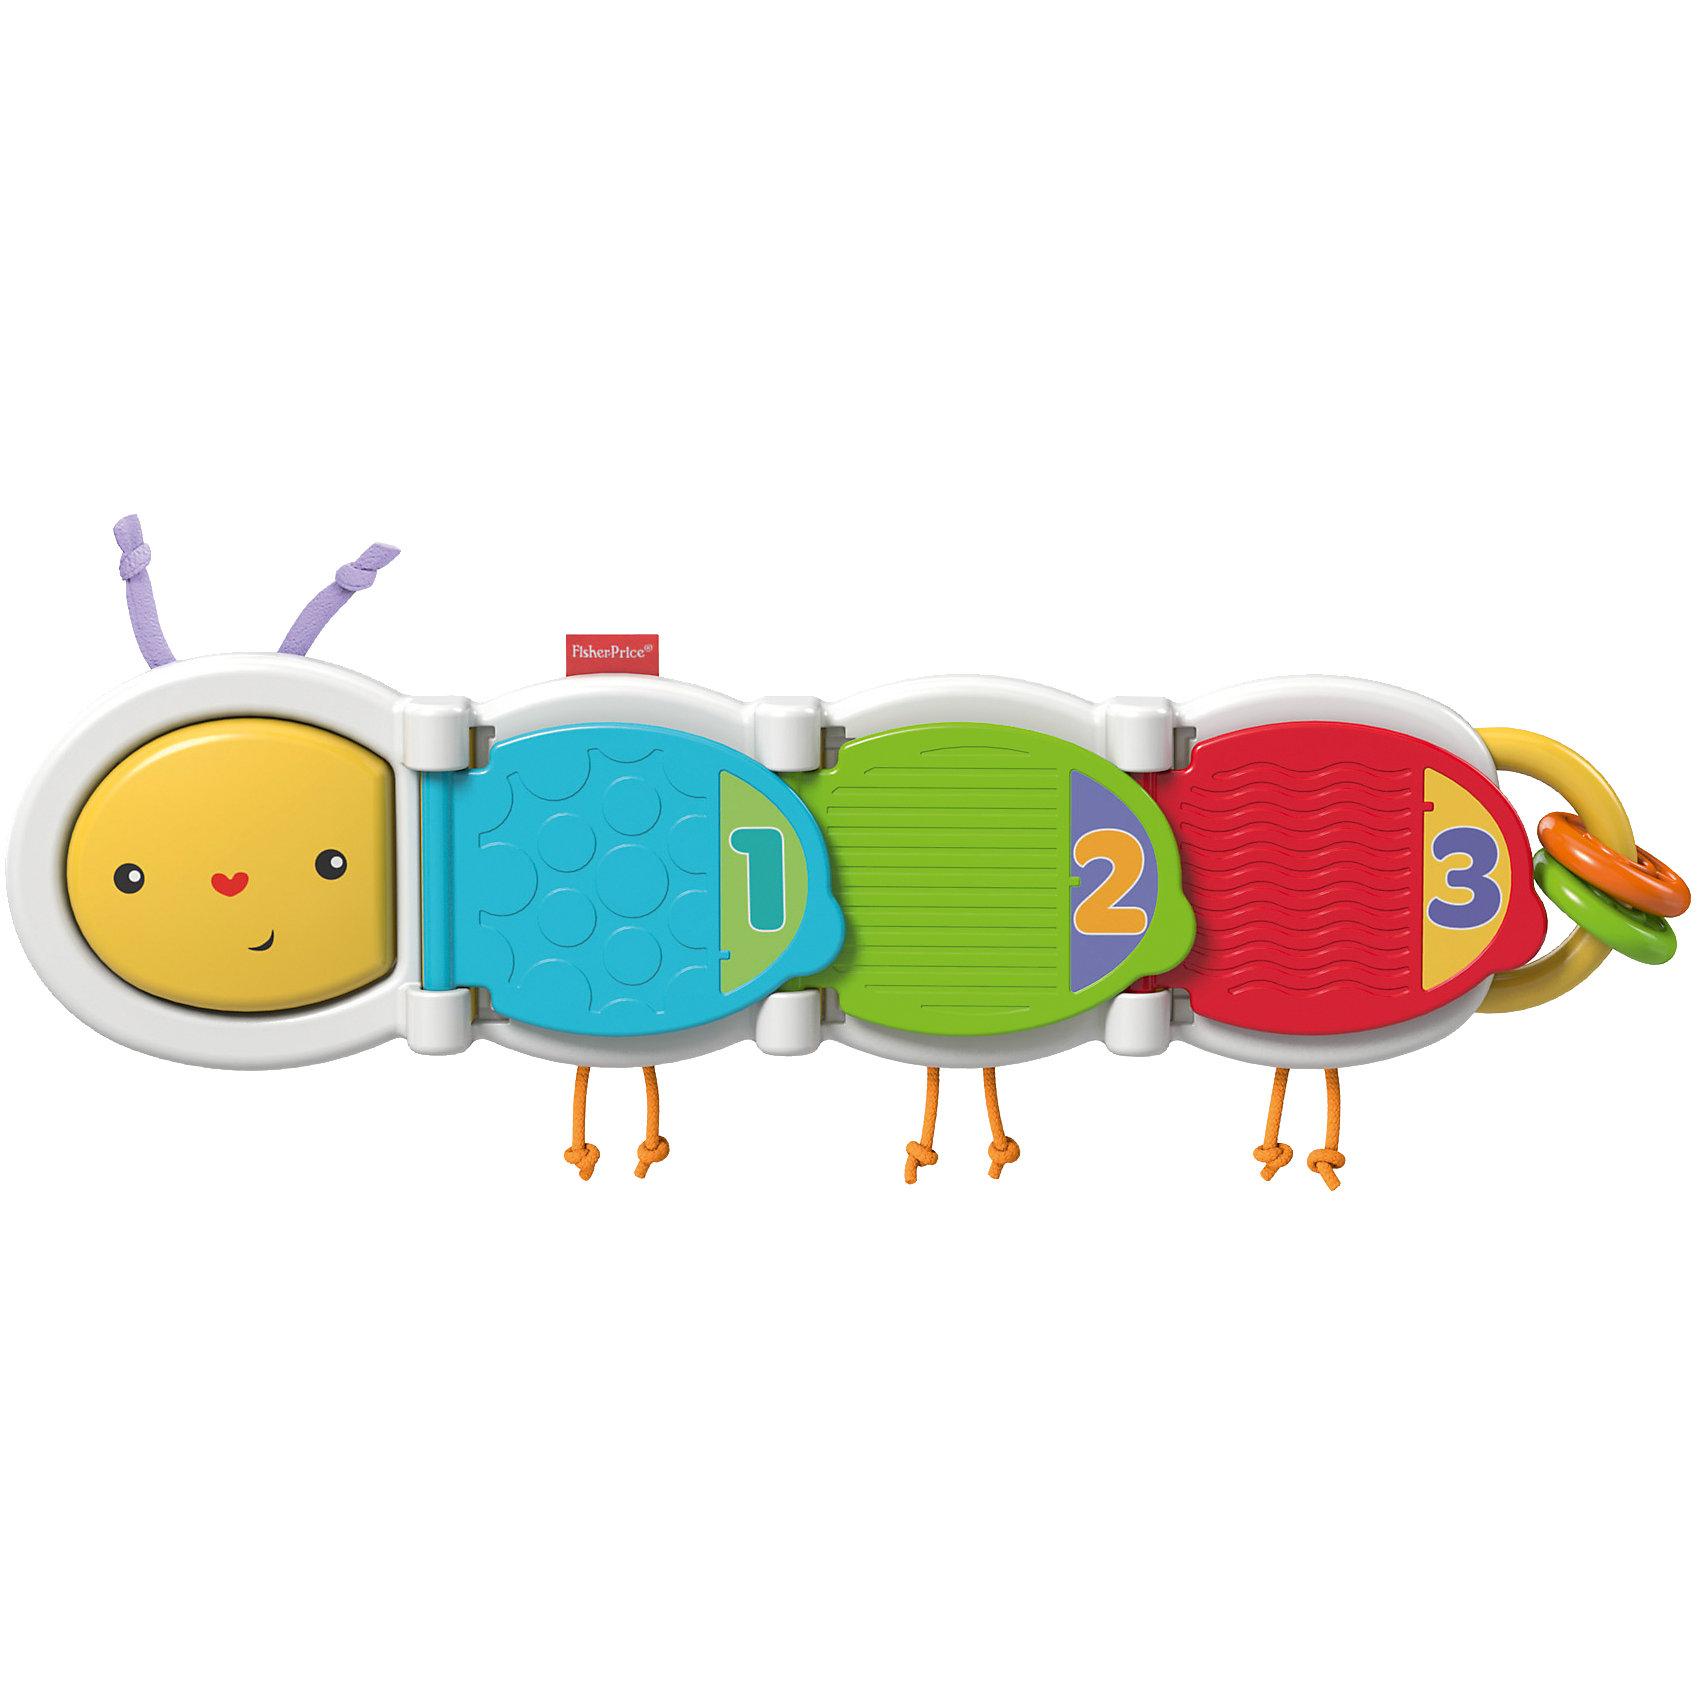 Гусеница с сюрпризом, Fisher-PriceРазвивающие игрушки<br>Гусеница с сюрпризом, Fisher-Price (Фишер Прайс)<br><br>• яркие цвета<br>• помогает d развитии мелкой моторики, зрительного восприятия b тактильных ощущений<br>• длина гусеницы: 34 см<br>• материал: пластик, полиэфир, ПЭТ<br>• размер упаковки: 37х21х5,5 см<br>• вес: 415 грамм<br><br>Красочная гусеница содержит несколько интересных сюрпризов, которые очень понравятся детям. Малыш найдёт рельефные детали, погремушку, колечки, шнурки и многое другое. Открывая части гусеницы, кроха познакомится с цветами, животными и цифрами. Гусеница имеет очень яркую расцветку, которая обязательно привлечет внимание крохи. Игра хорошо развивает тактильные ощущения, моторику рук, цветовое и слуховое восприятие.<br><br>Гусеницу с сюрпризом, Fisher-Price (Фишер Прайс) можно купить в нашем интернет-магазине.<br><br>Ширина мм: 362<br>Глубина мм: 205<br>Высота мм: 58<br>Вес г: 408<br>Возраст от месяцев: 6<br>Возраст до месяцев: 12<br>Пол: Унисекс<br>Возраст: Детский<br>SKU: 4758269